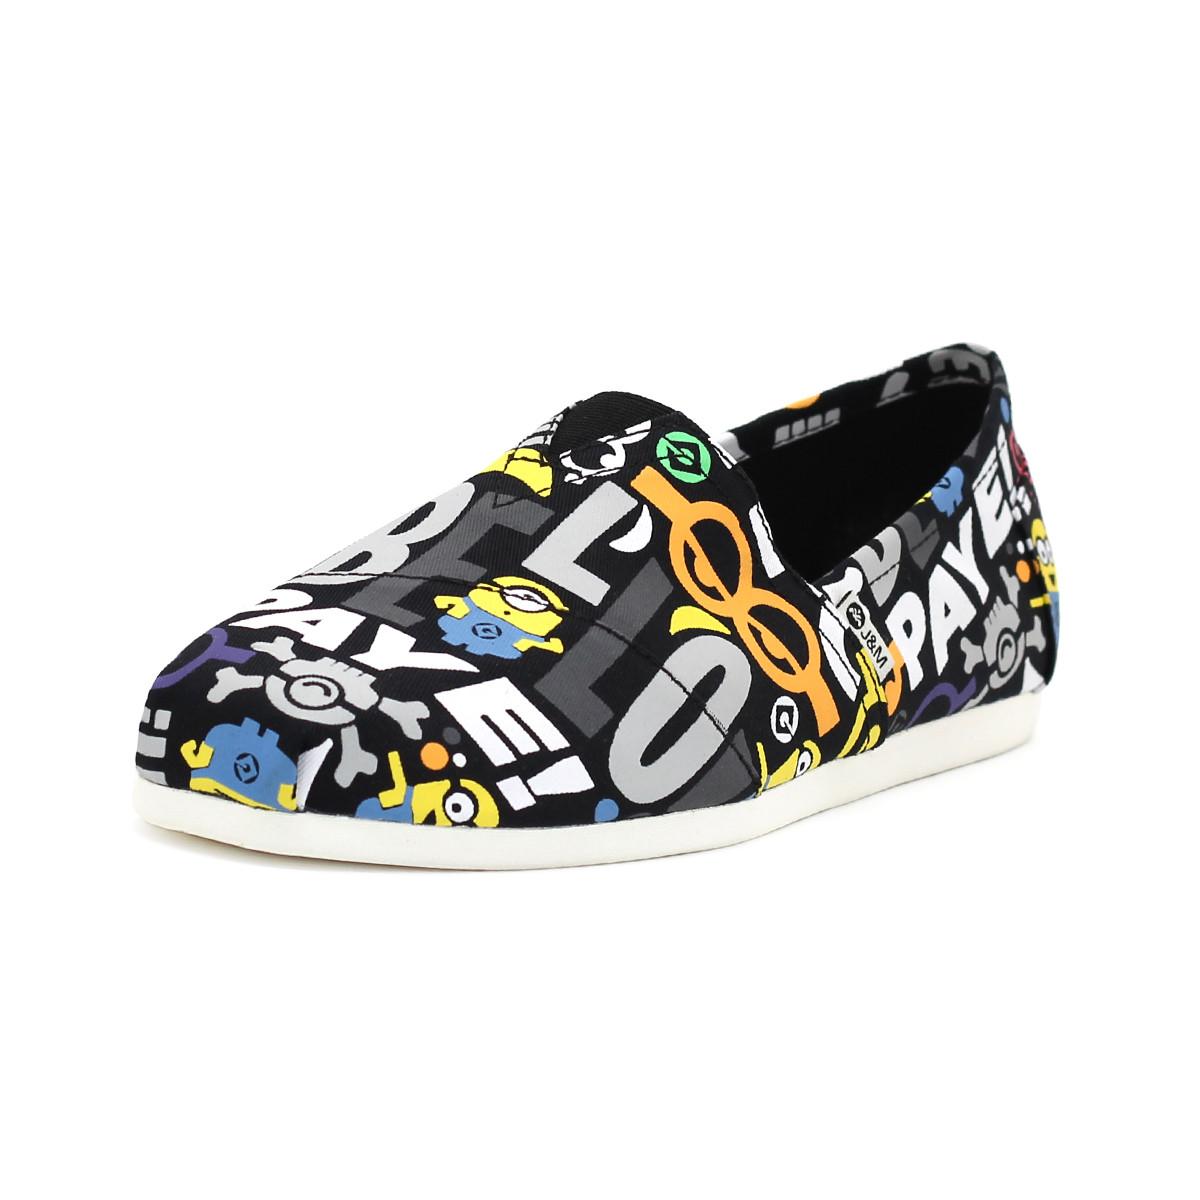 快乐玛丽夏季新款神偷奶爸小黄人男鞋时尚个性涂鸦帆布鞋懒人鞋61961M01